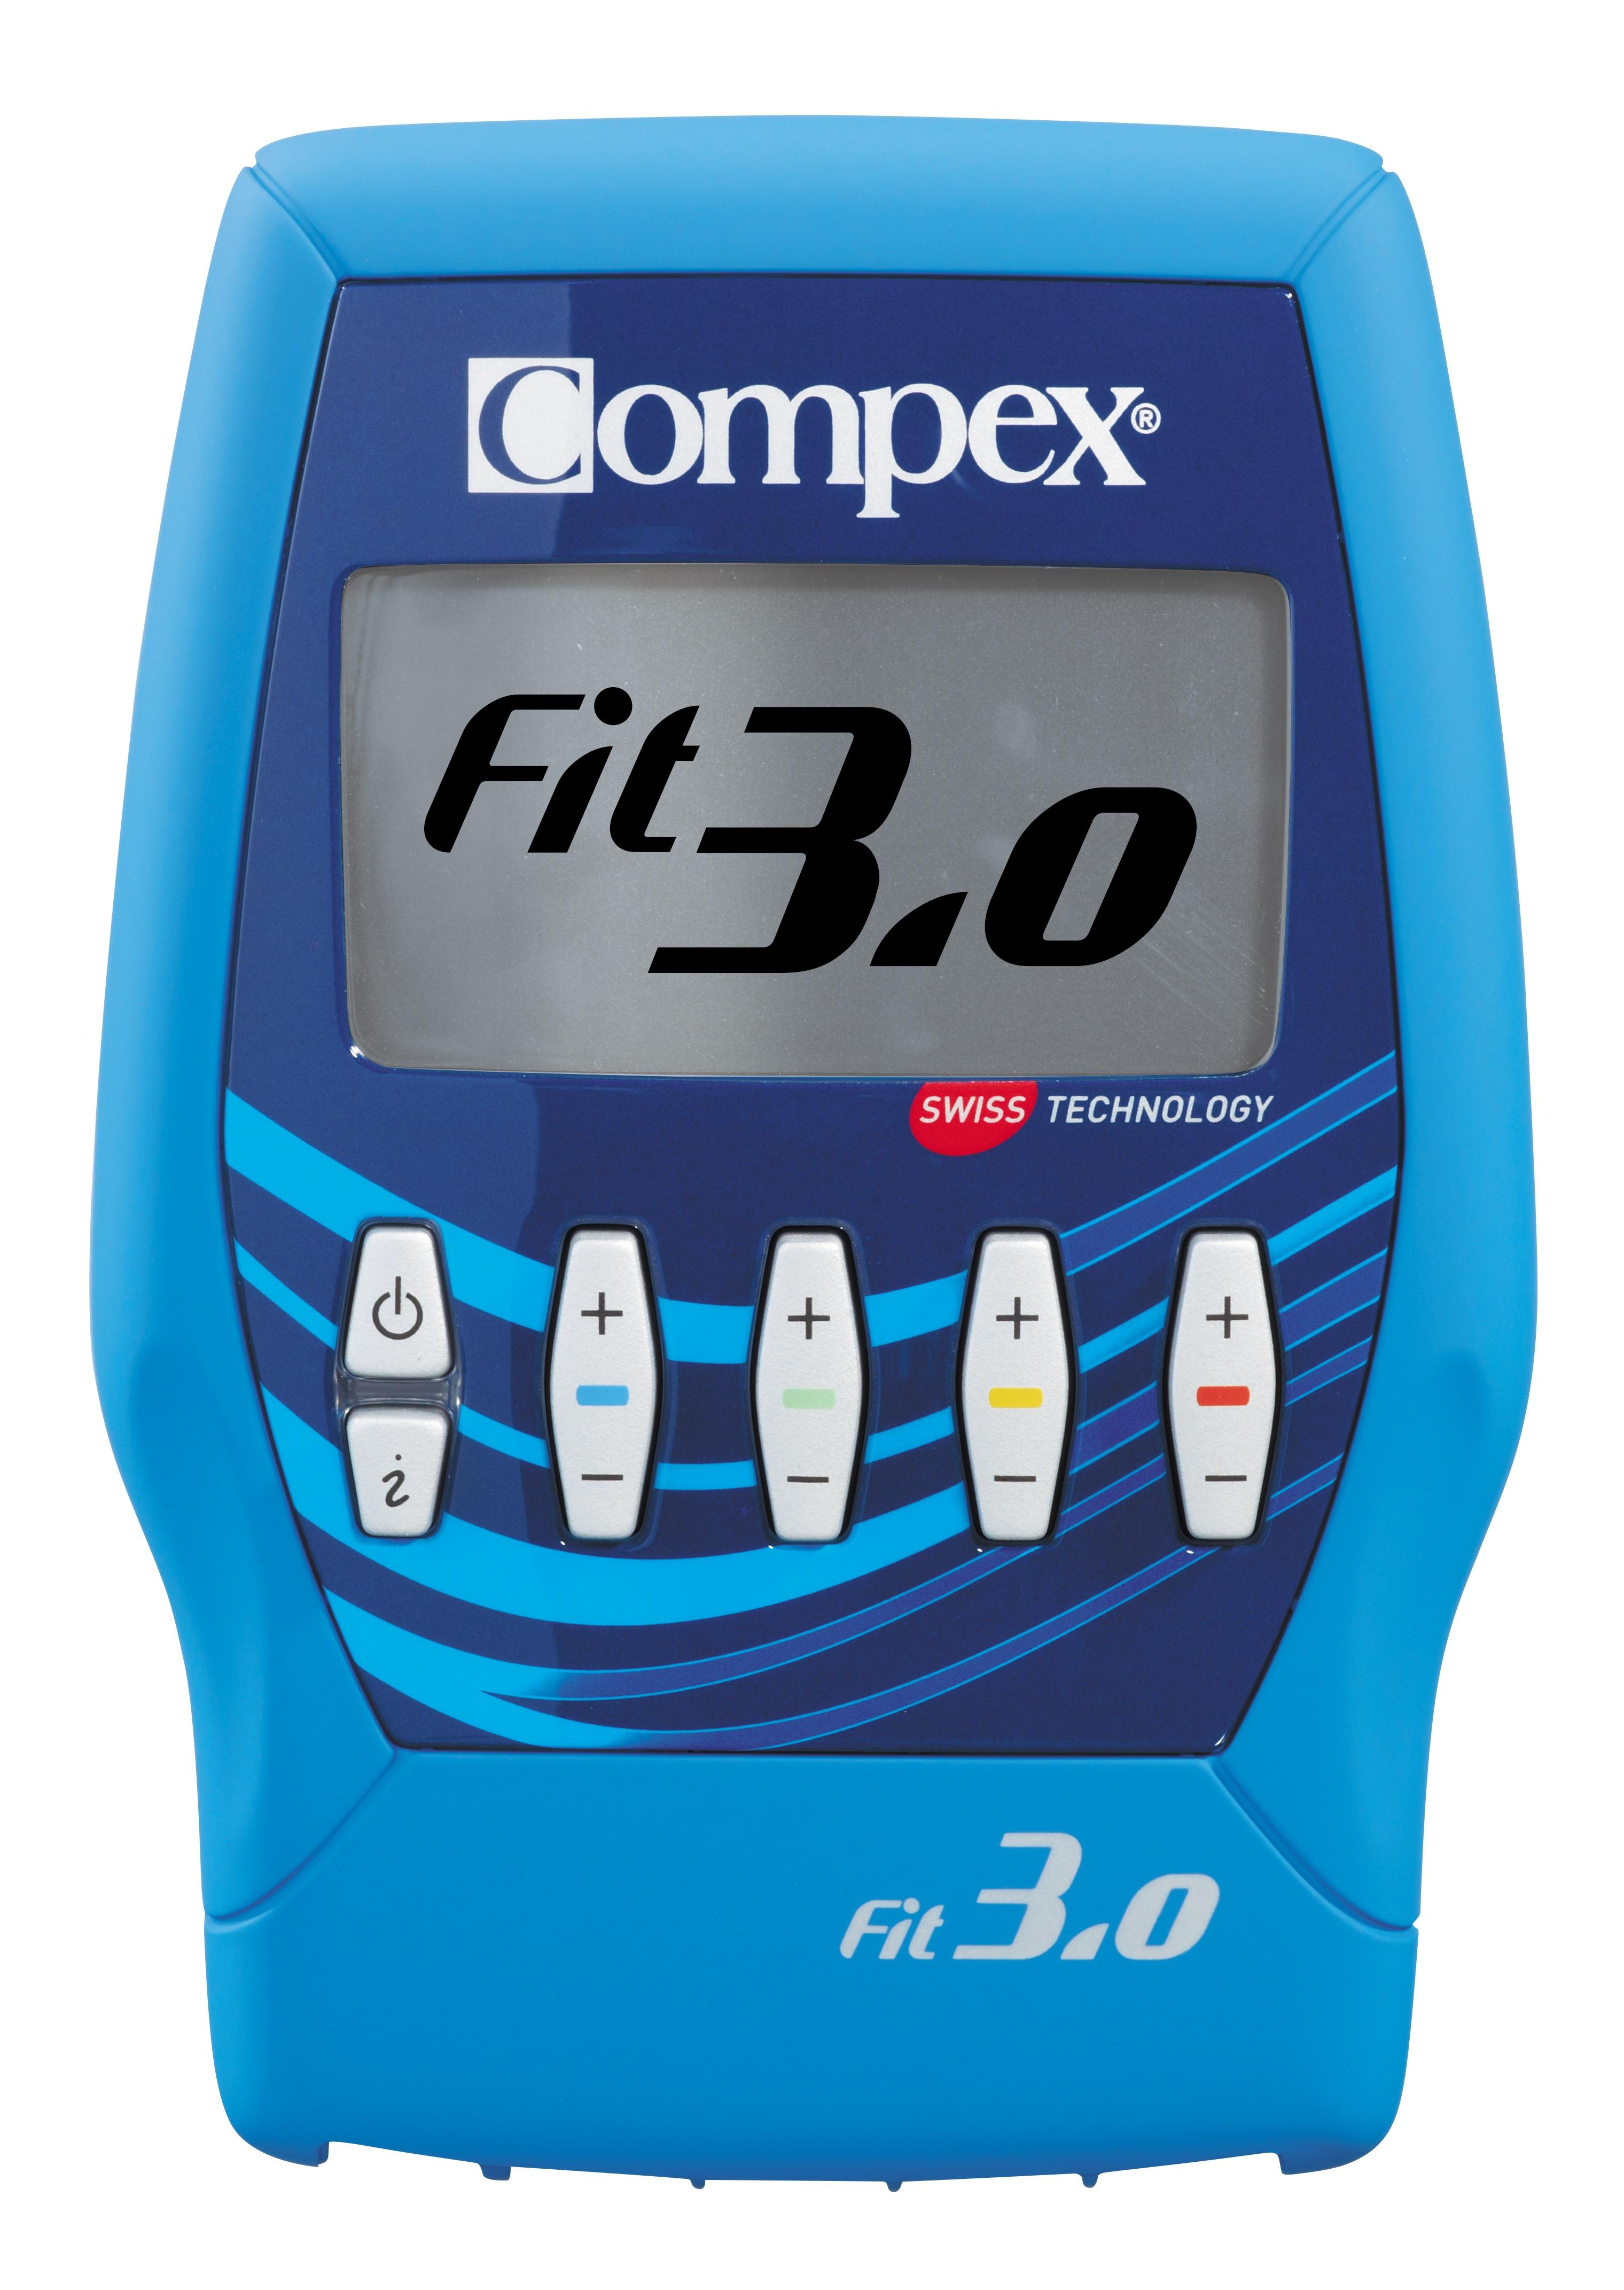 Compex Fit 3.0 zu 399 Euro